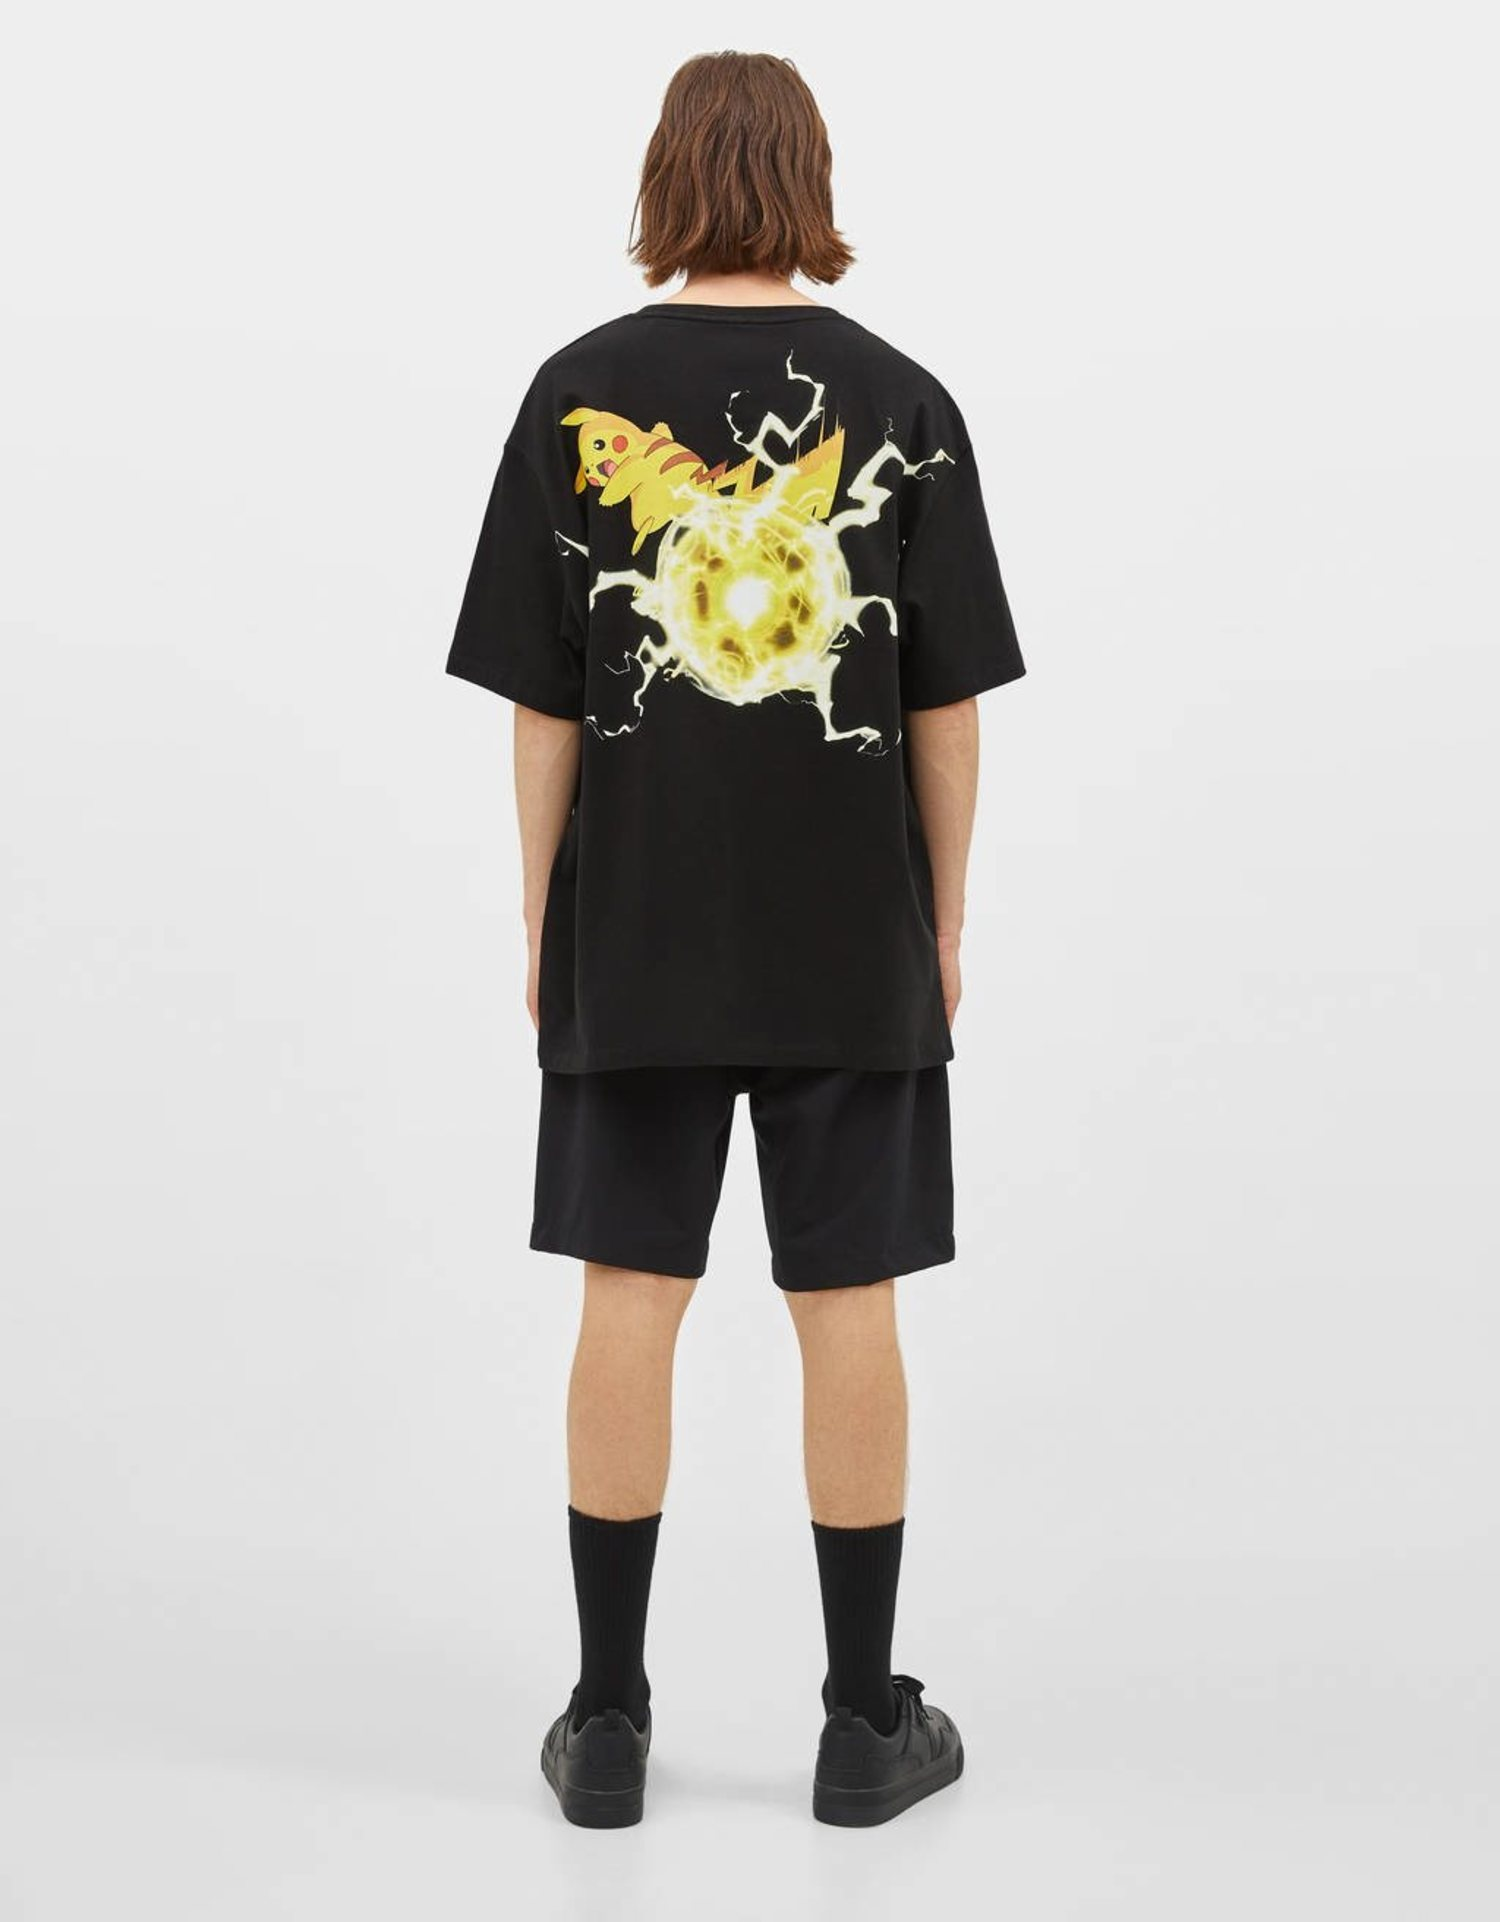 Pikachu efectuando el movimiento 'Onda voltio' protagoniza la camiseta